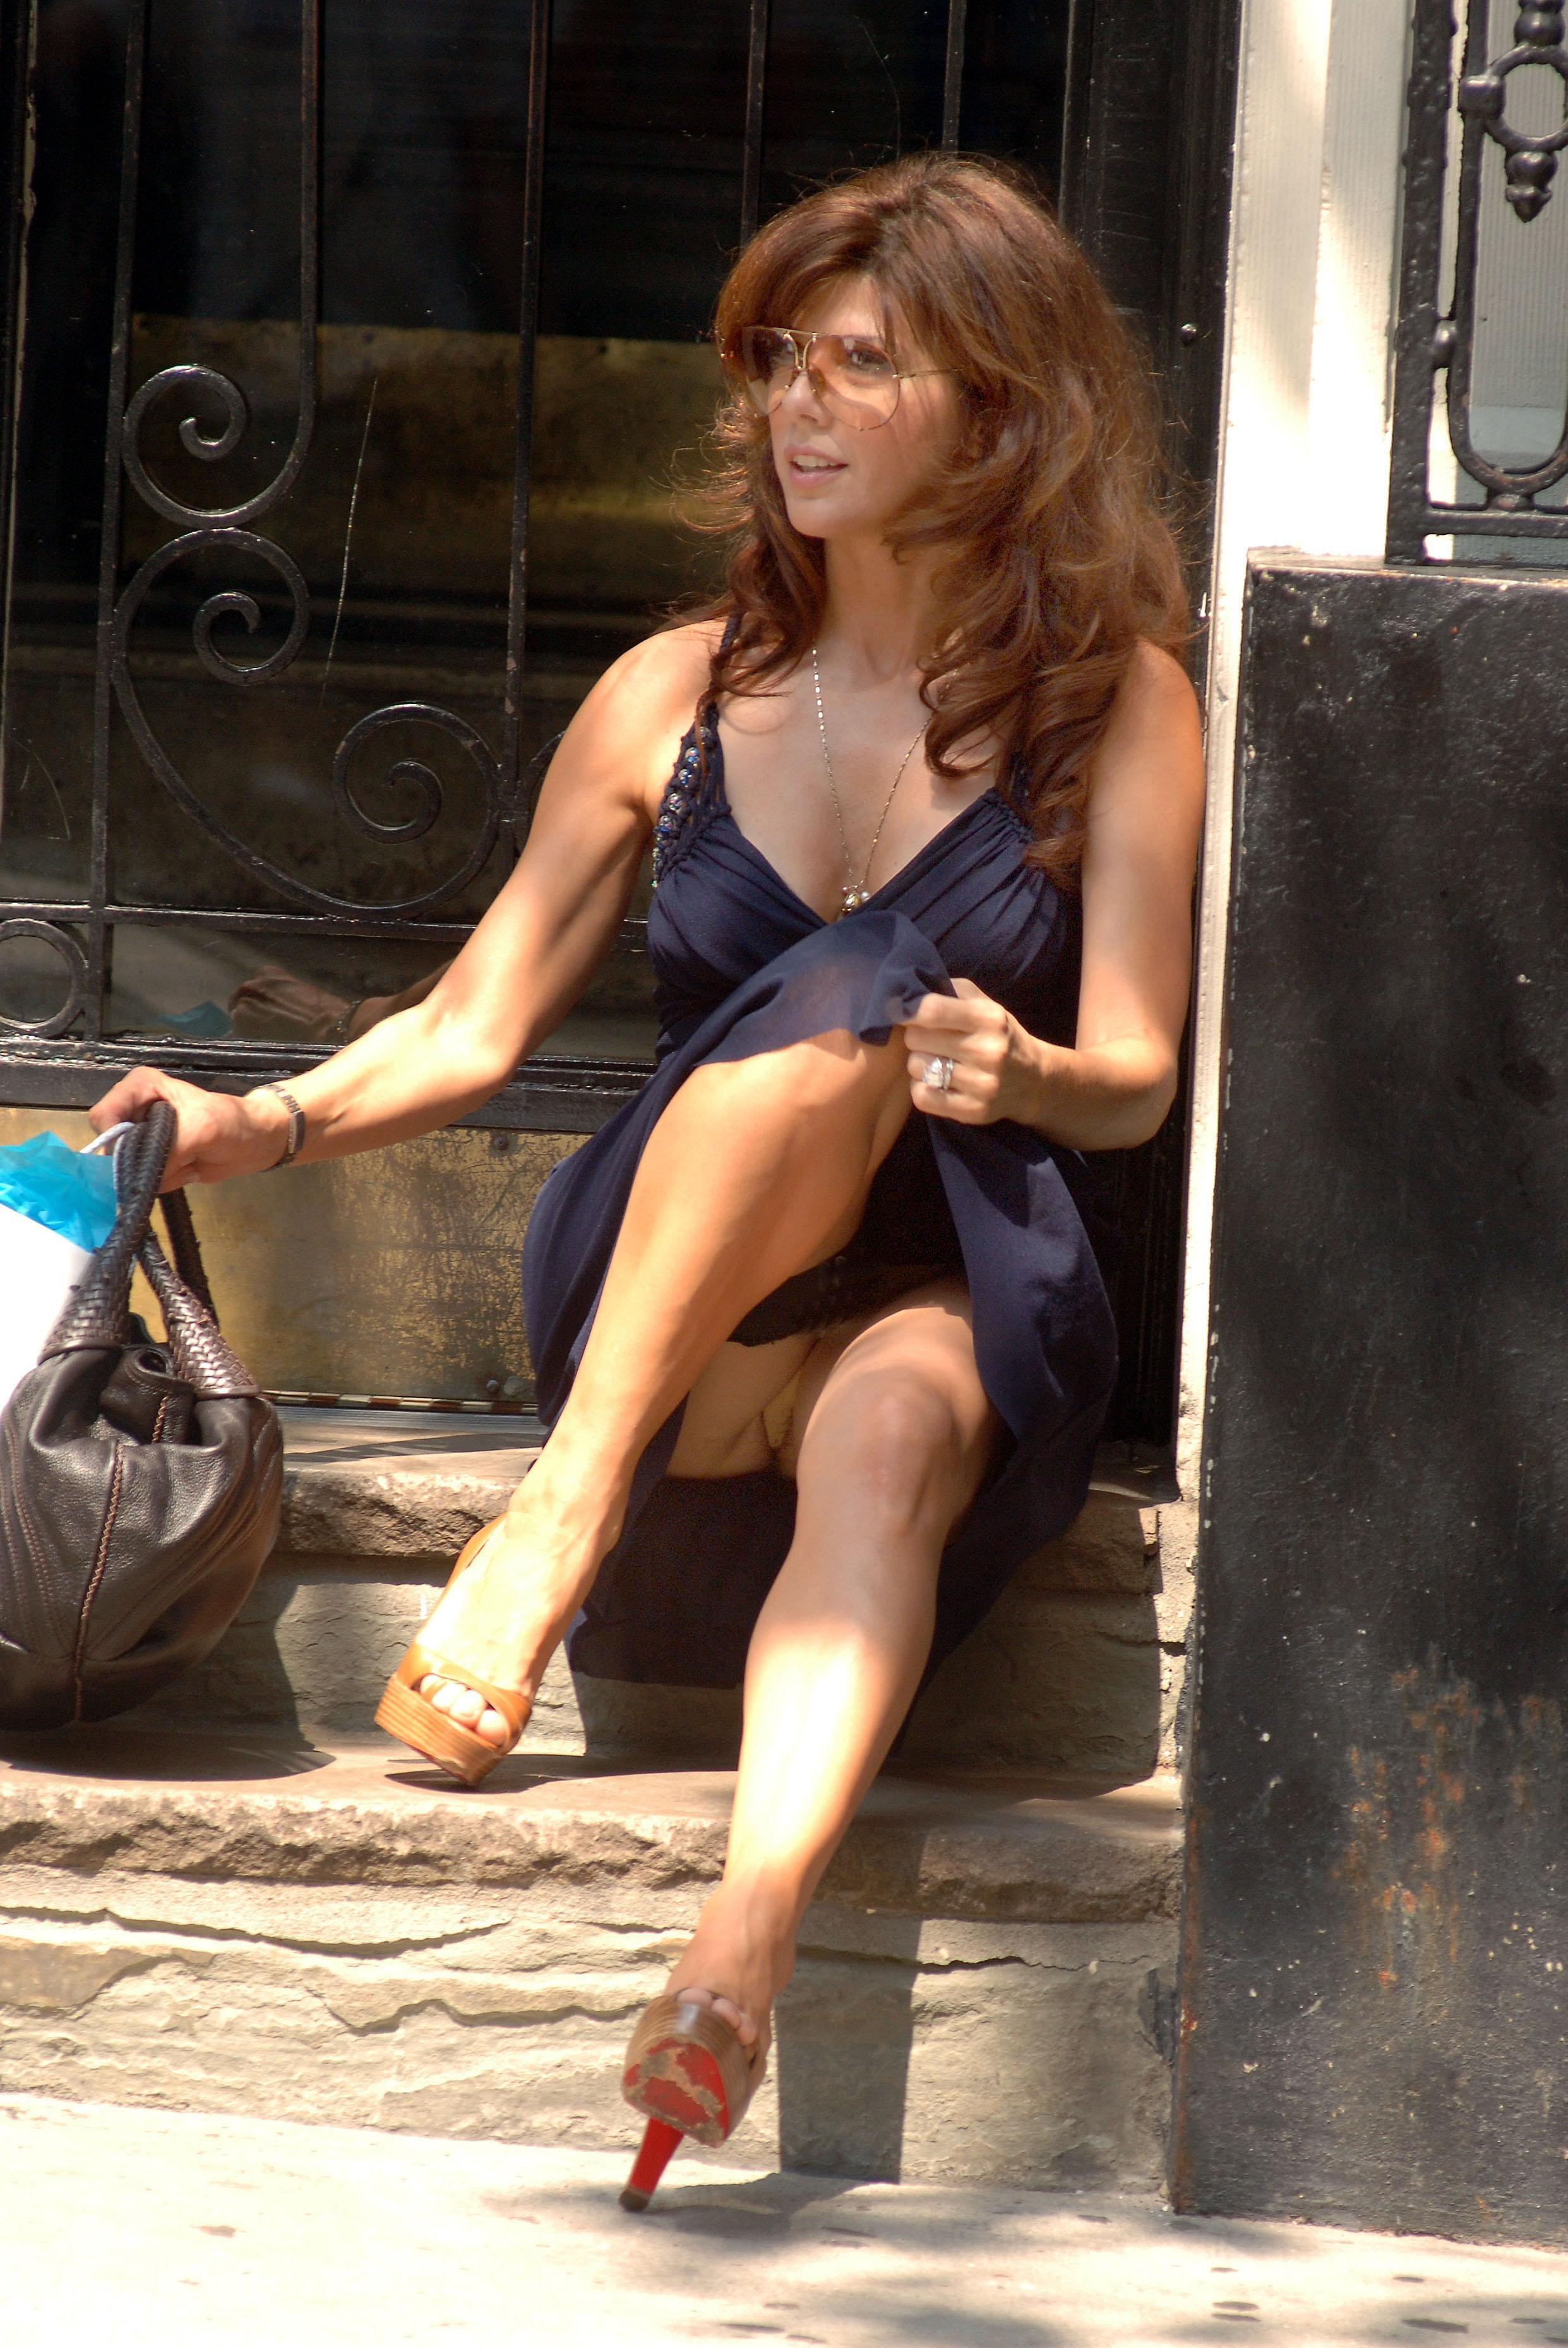 Фото под юбки актриса российского кино, порнуха пьяные бляди